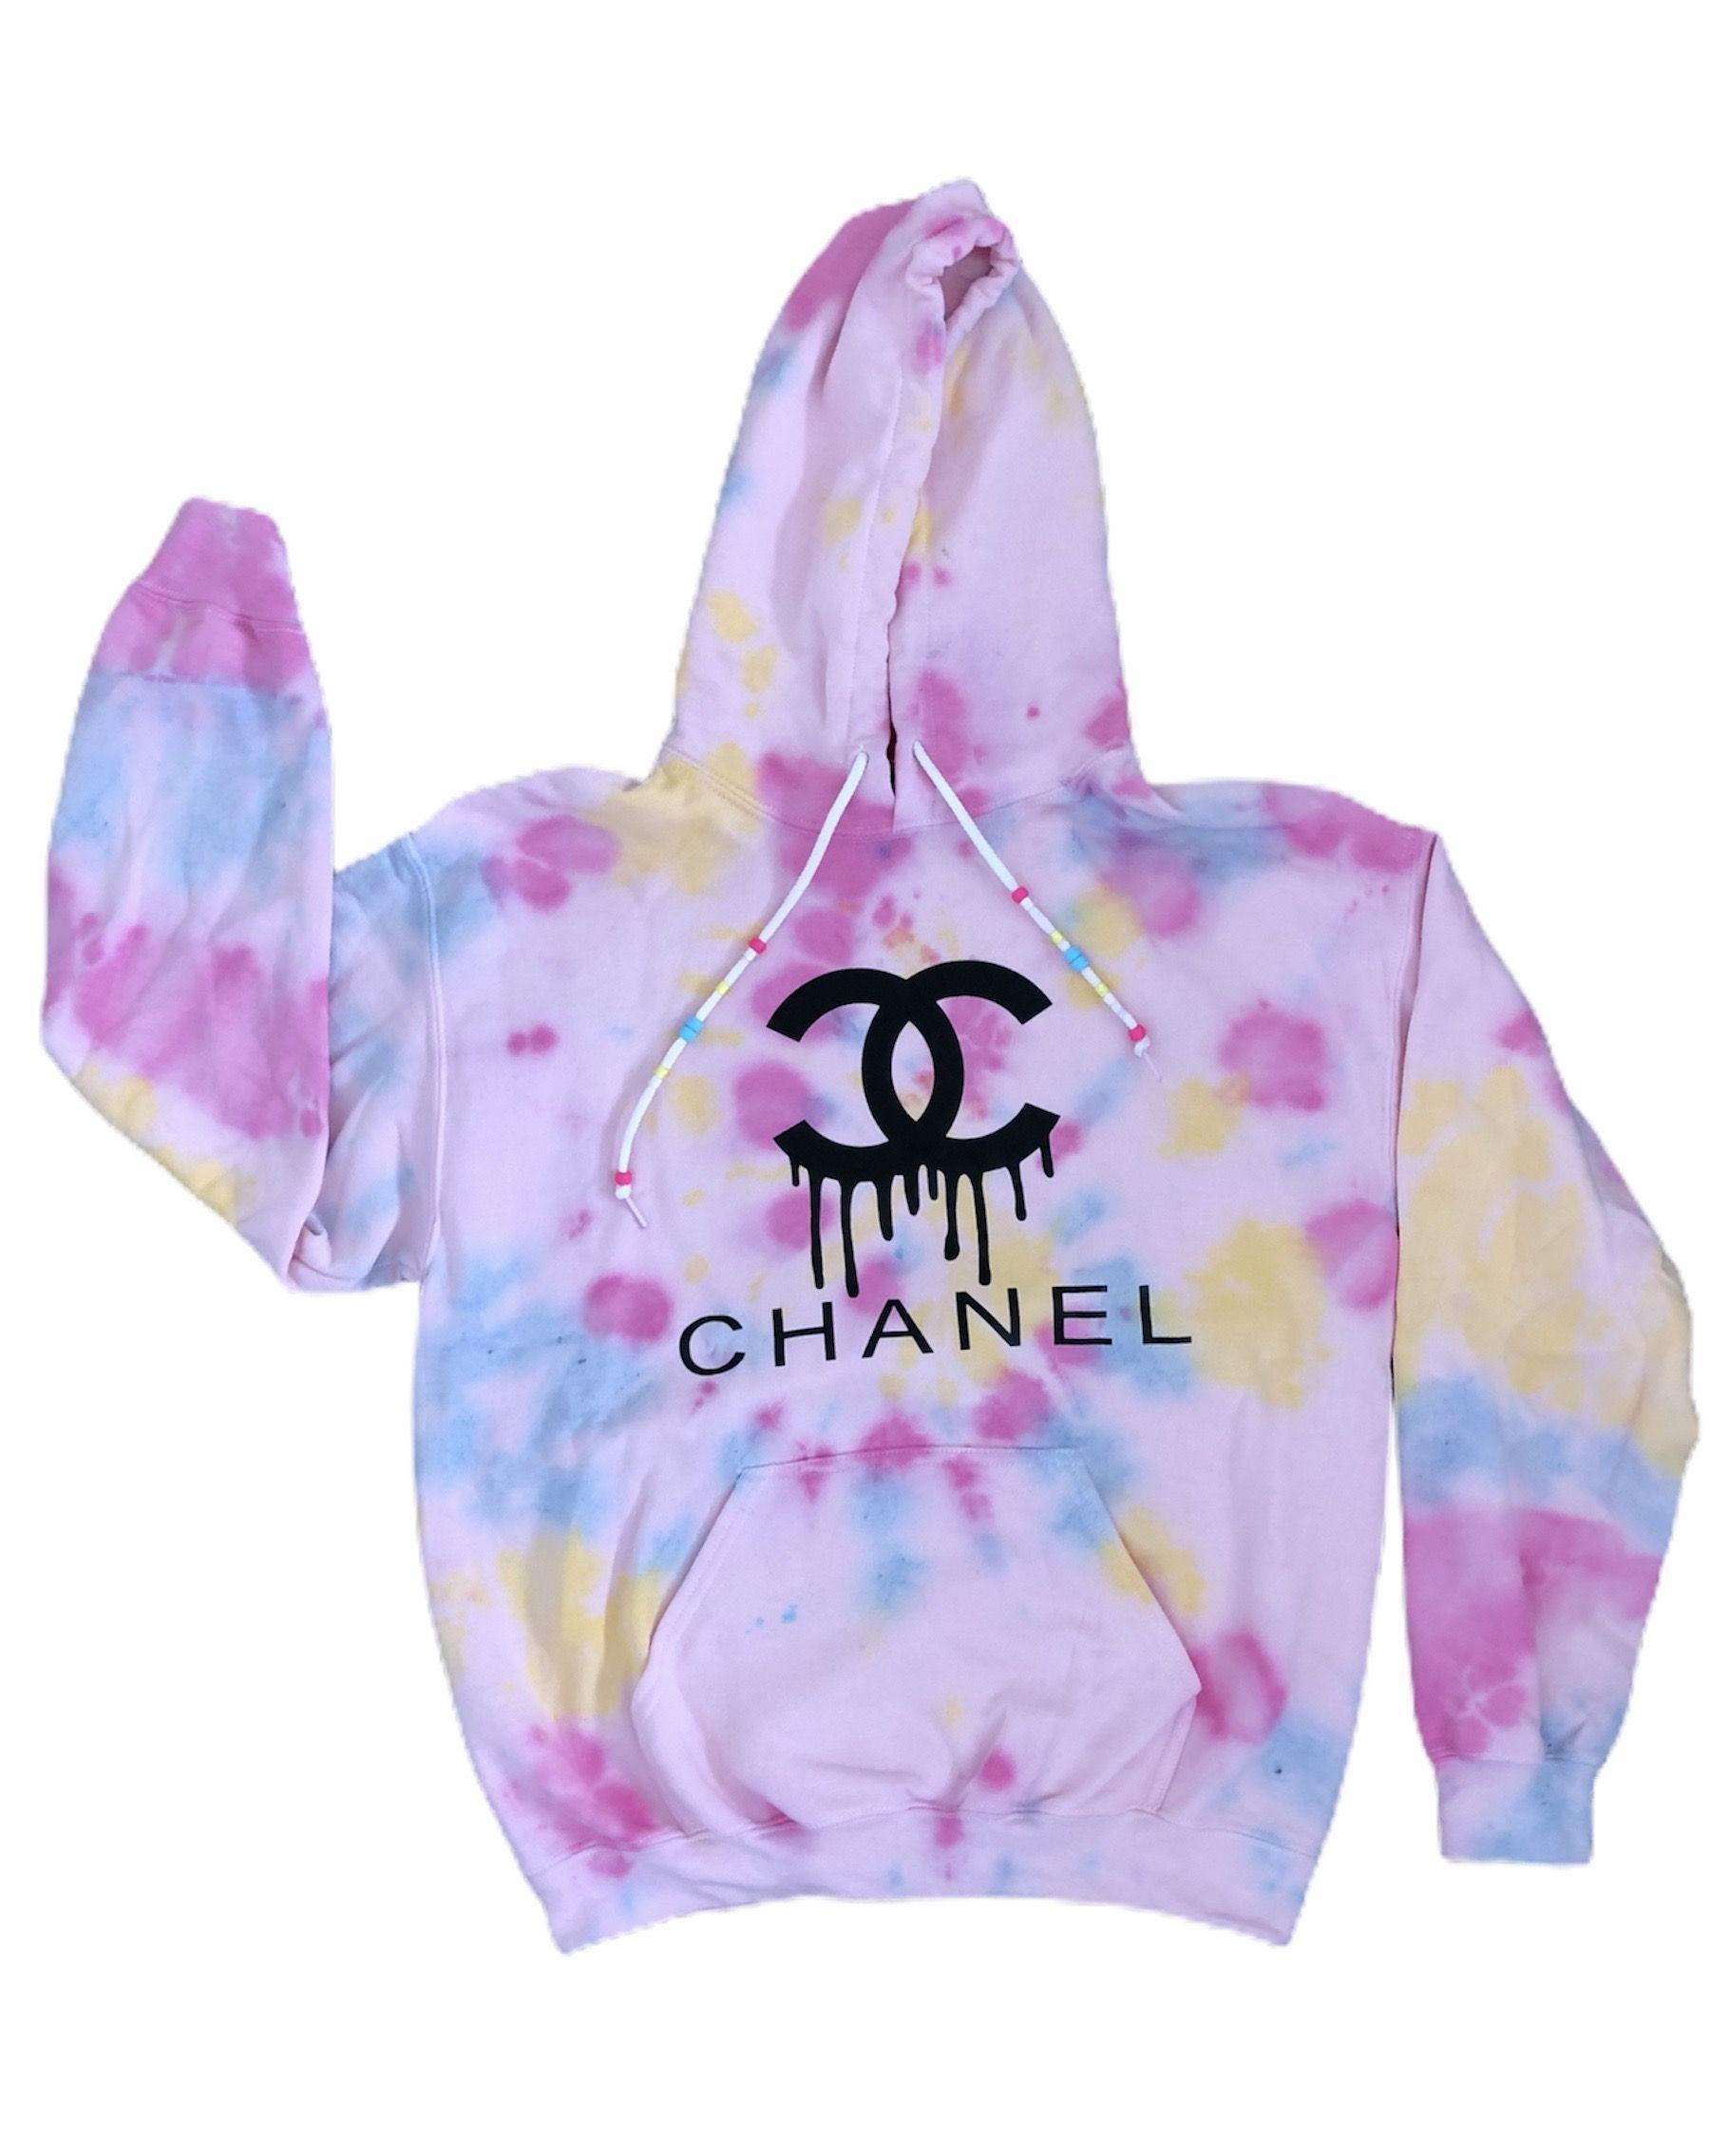 Chanel Tie Dye Hoodie Tie Dye Hoodie Hoodies Tie Dye [ 2270 x 1800 Pixel ]